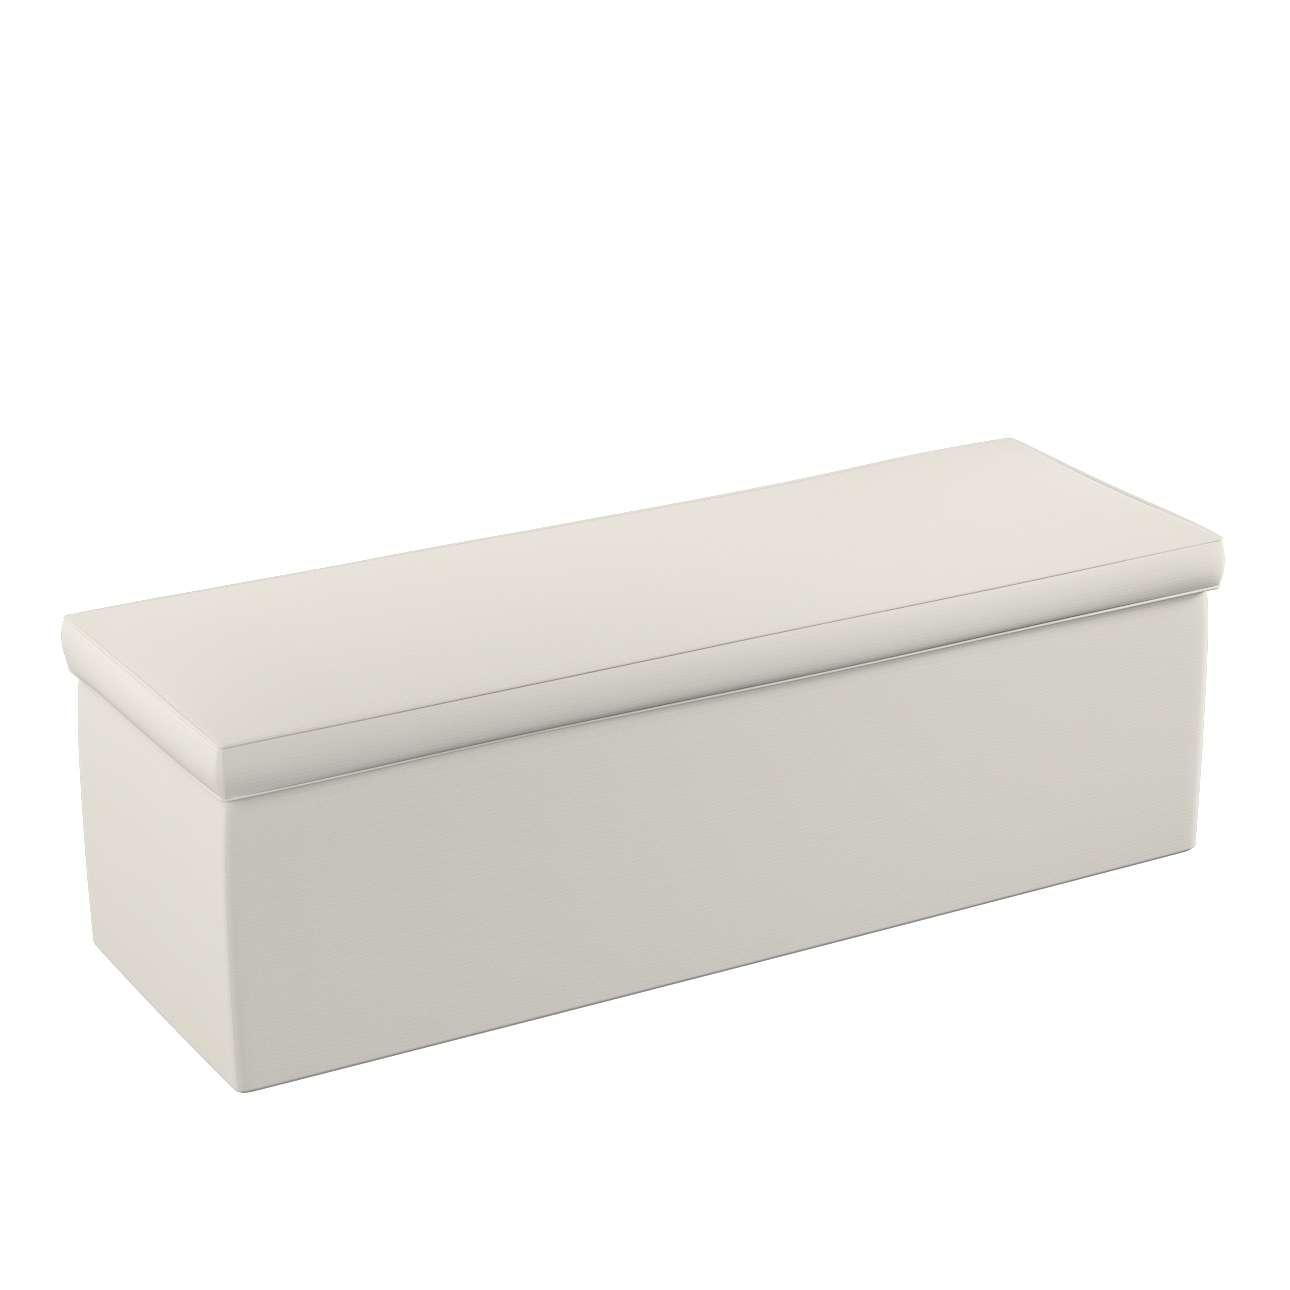 Truhe 90 x 40 x 40 cm von der Kollektion Cotton Panama, Stoff: 702-31